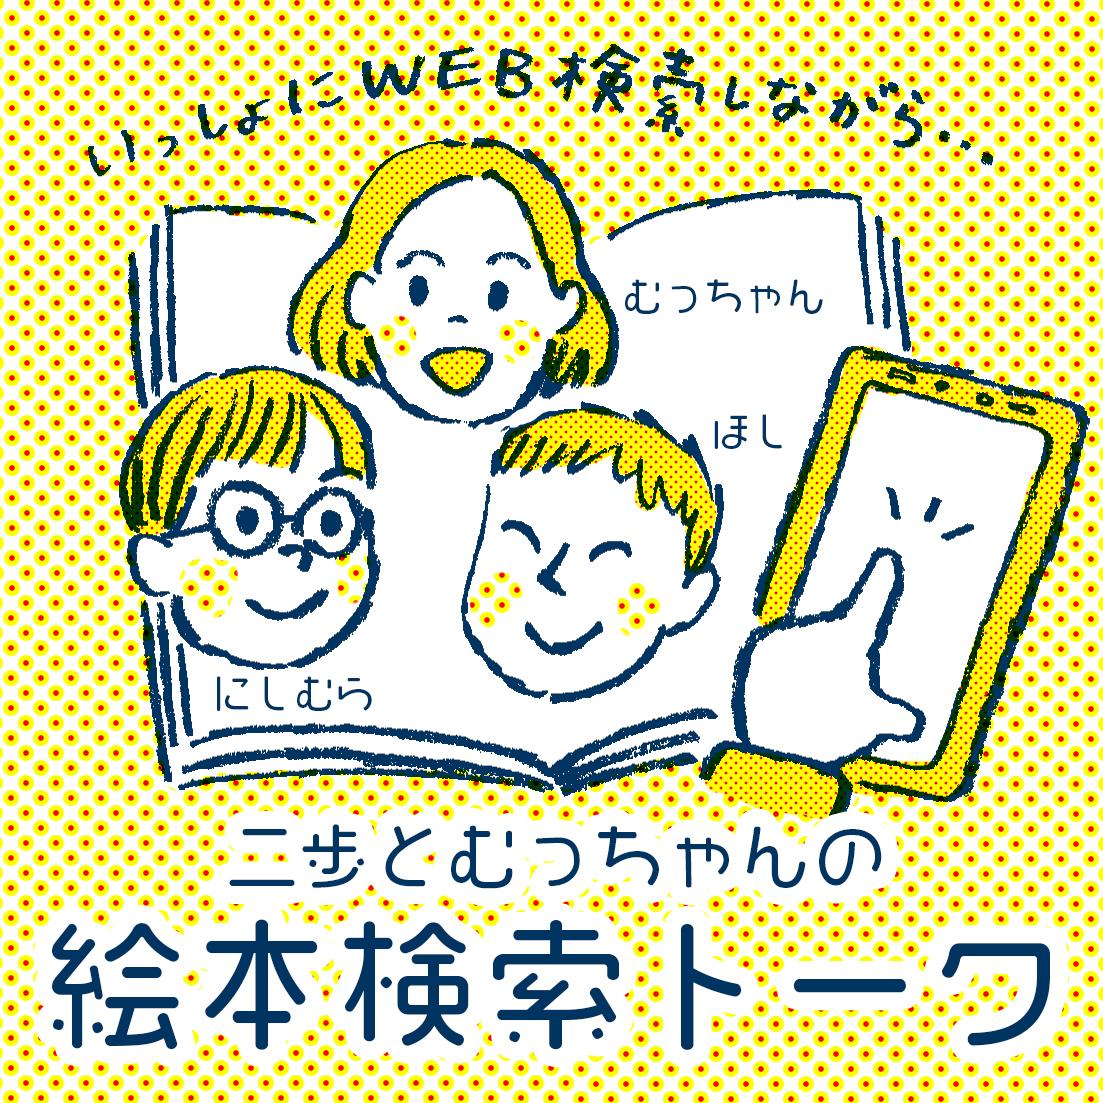 #1 二歩とむっちゃんの自己紹介の巻